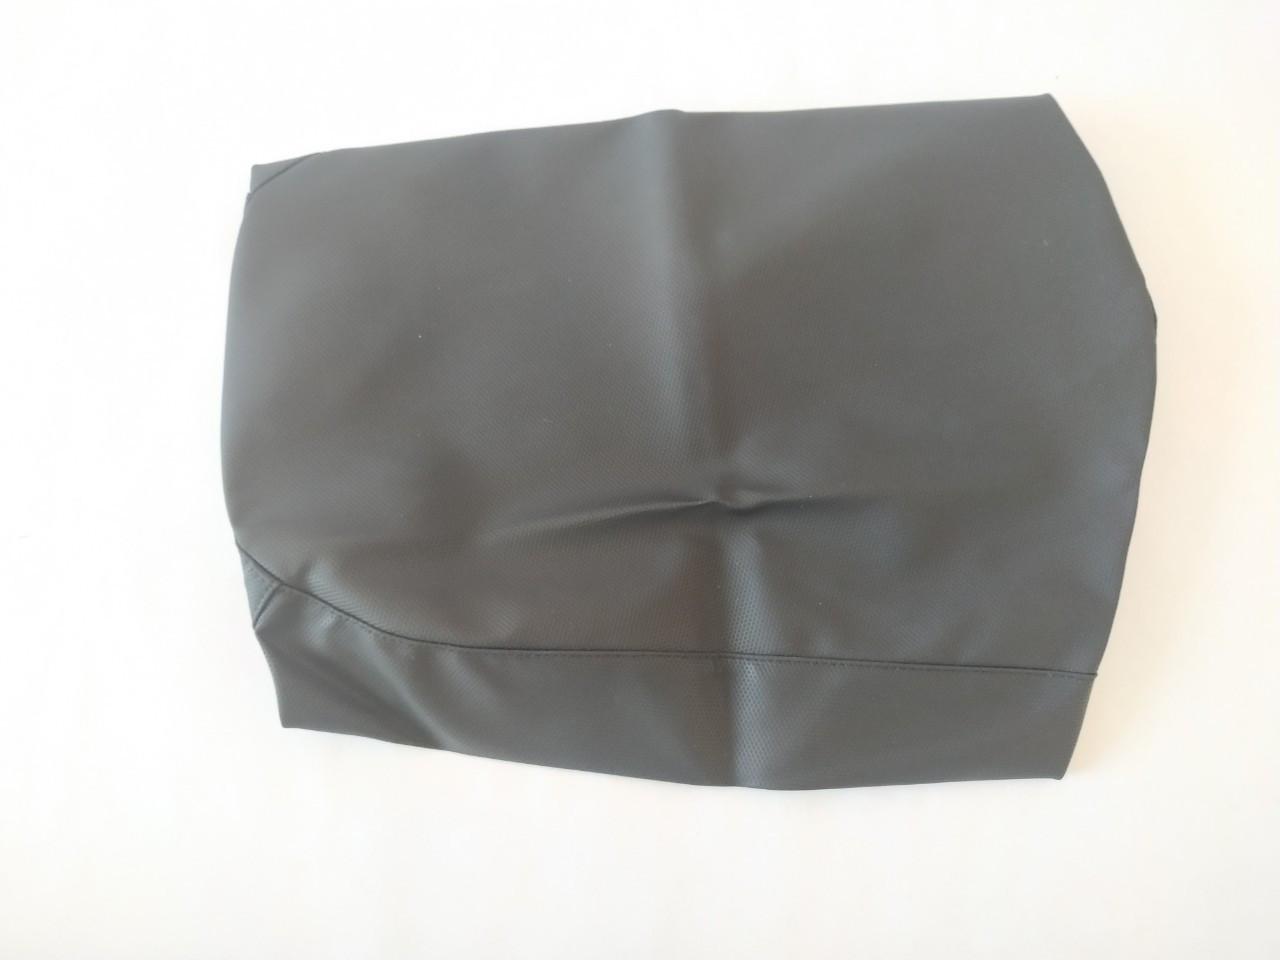 Чехол сиденья HONDA DIO AF-34/35 черный, черный кант SOTKA